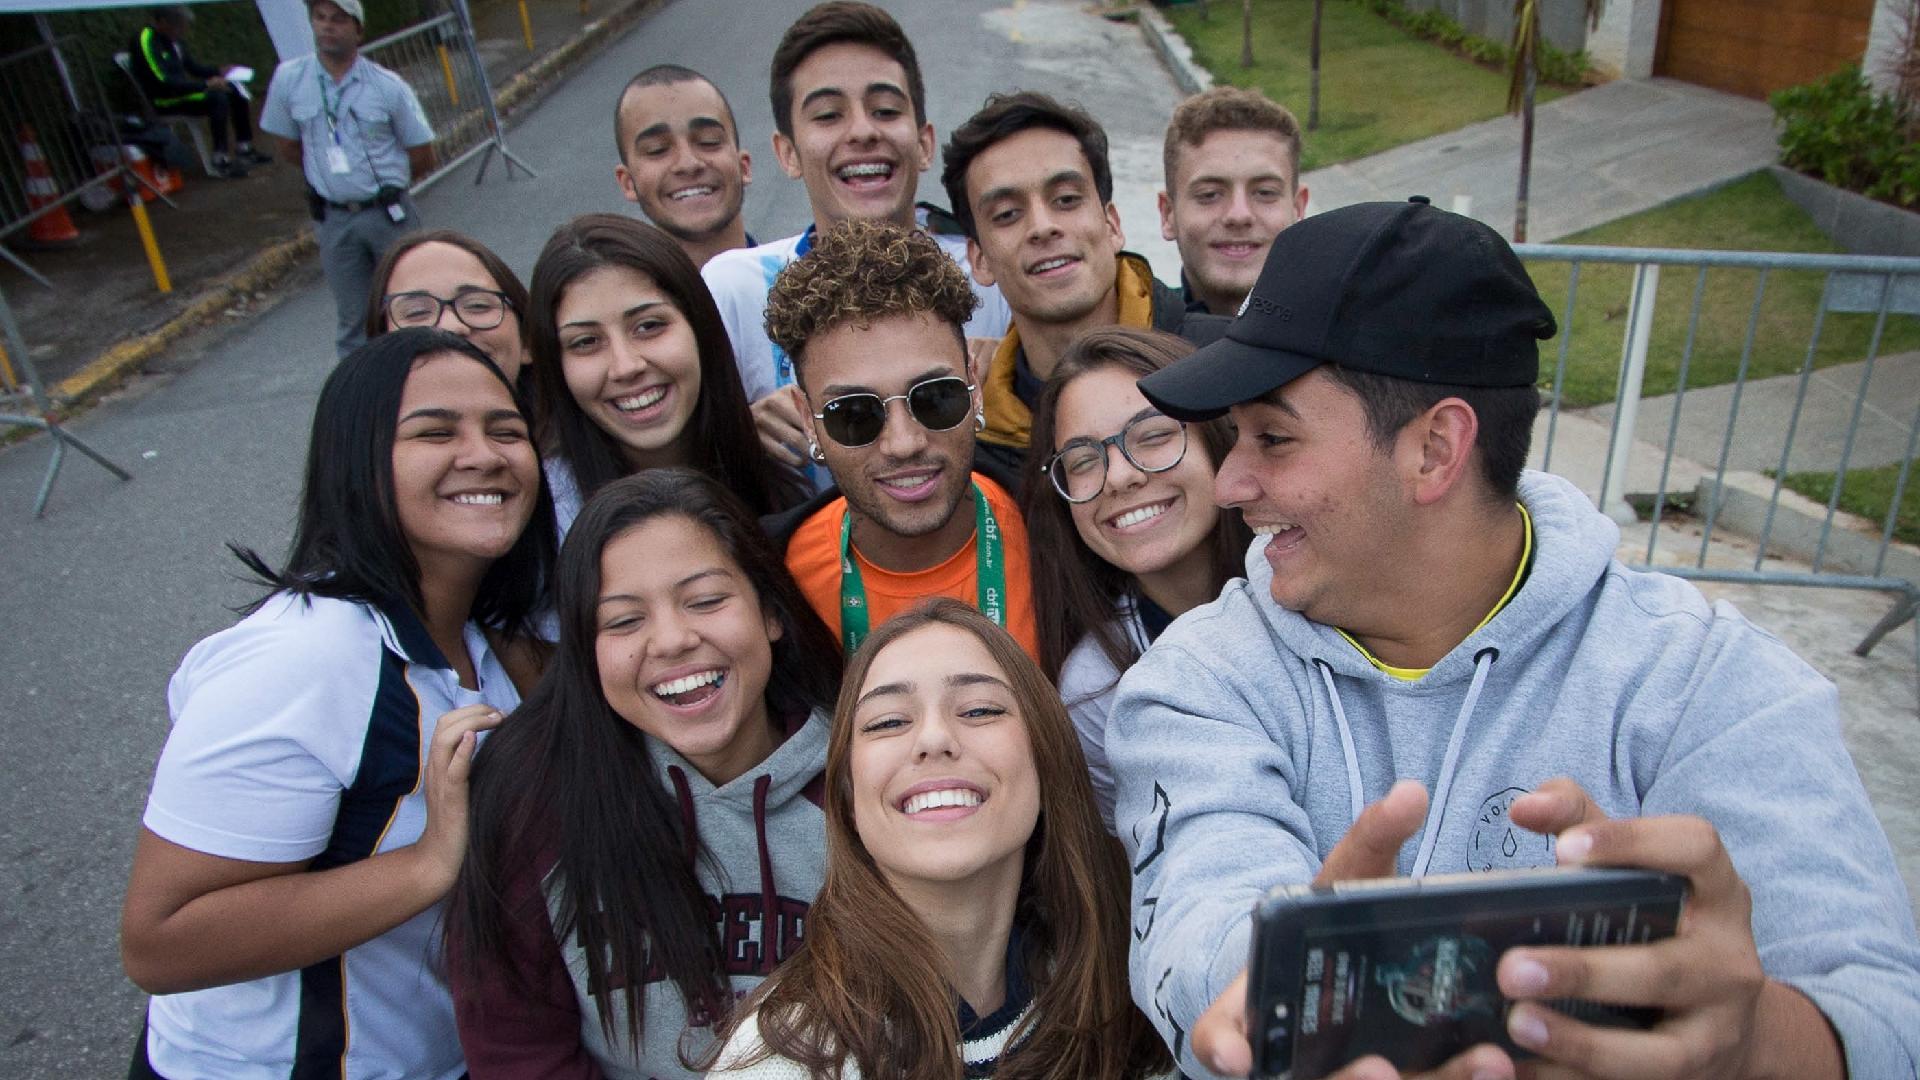 Gabriel Lucas, sósia de Neymar, tira foto com fãs na Granja Comary